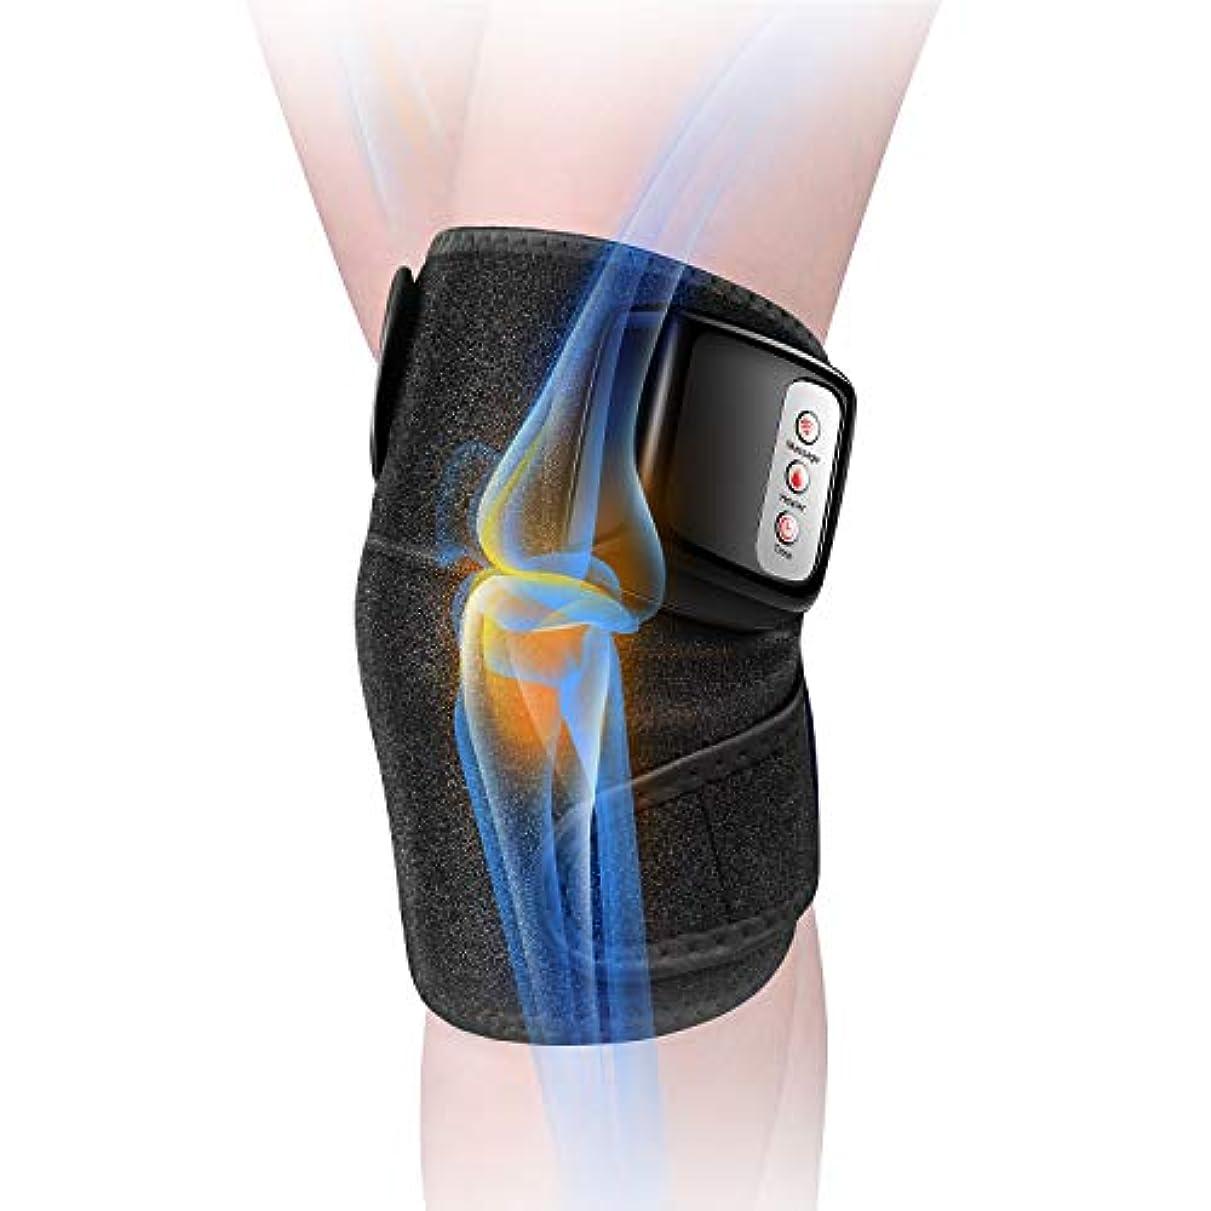 アボート残基カート膝マッサージャー 関節マッサージャー マッサージ器 フットマッサージャー 振動 赤外線療法 温熱療法 膝サポーター ストレス解消 肩 太もも/腕対応